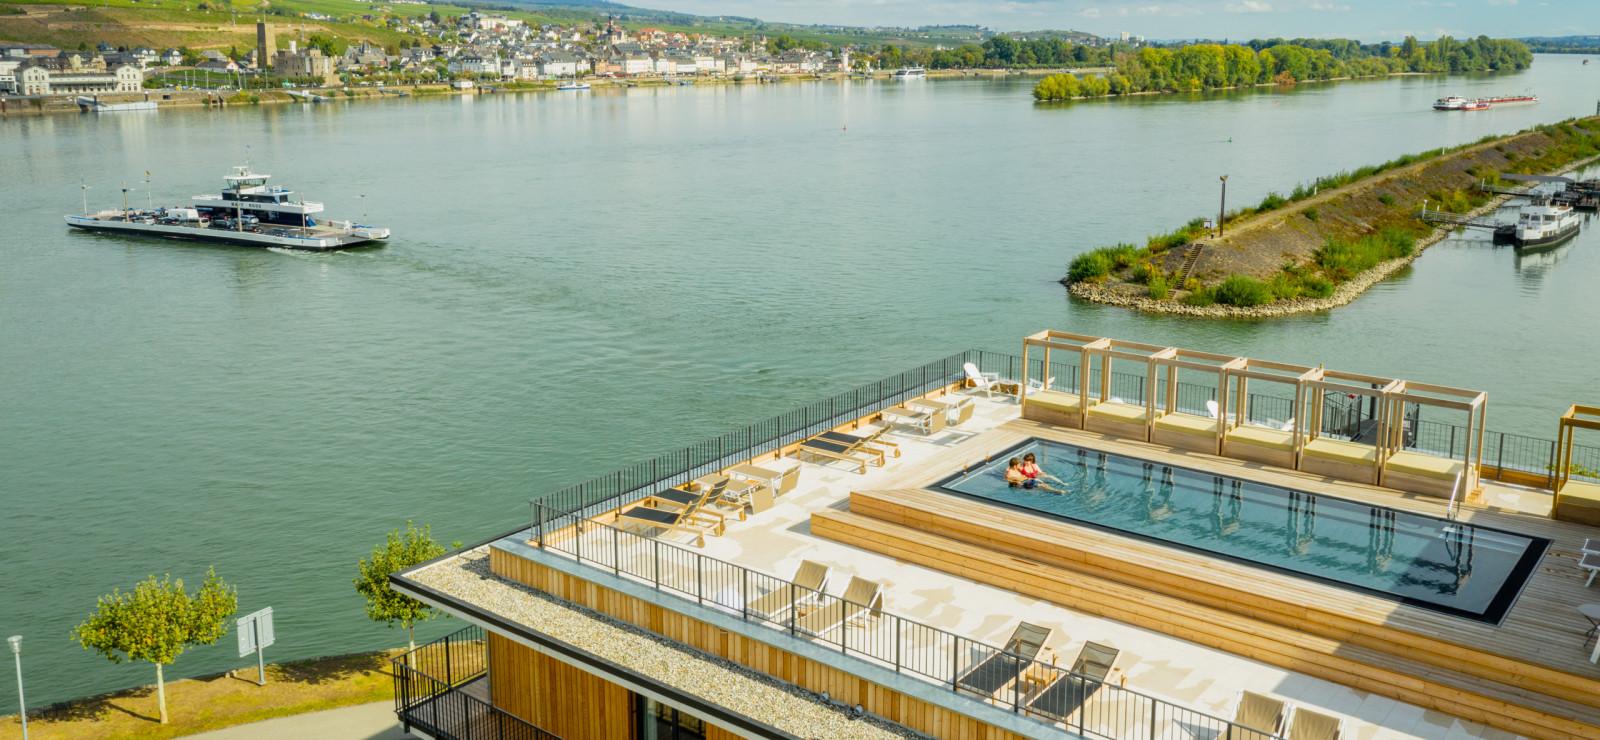 PAPA RHEIN – Hotel & Spa Bilder | Bild 1